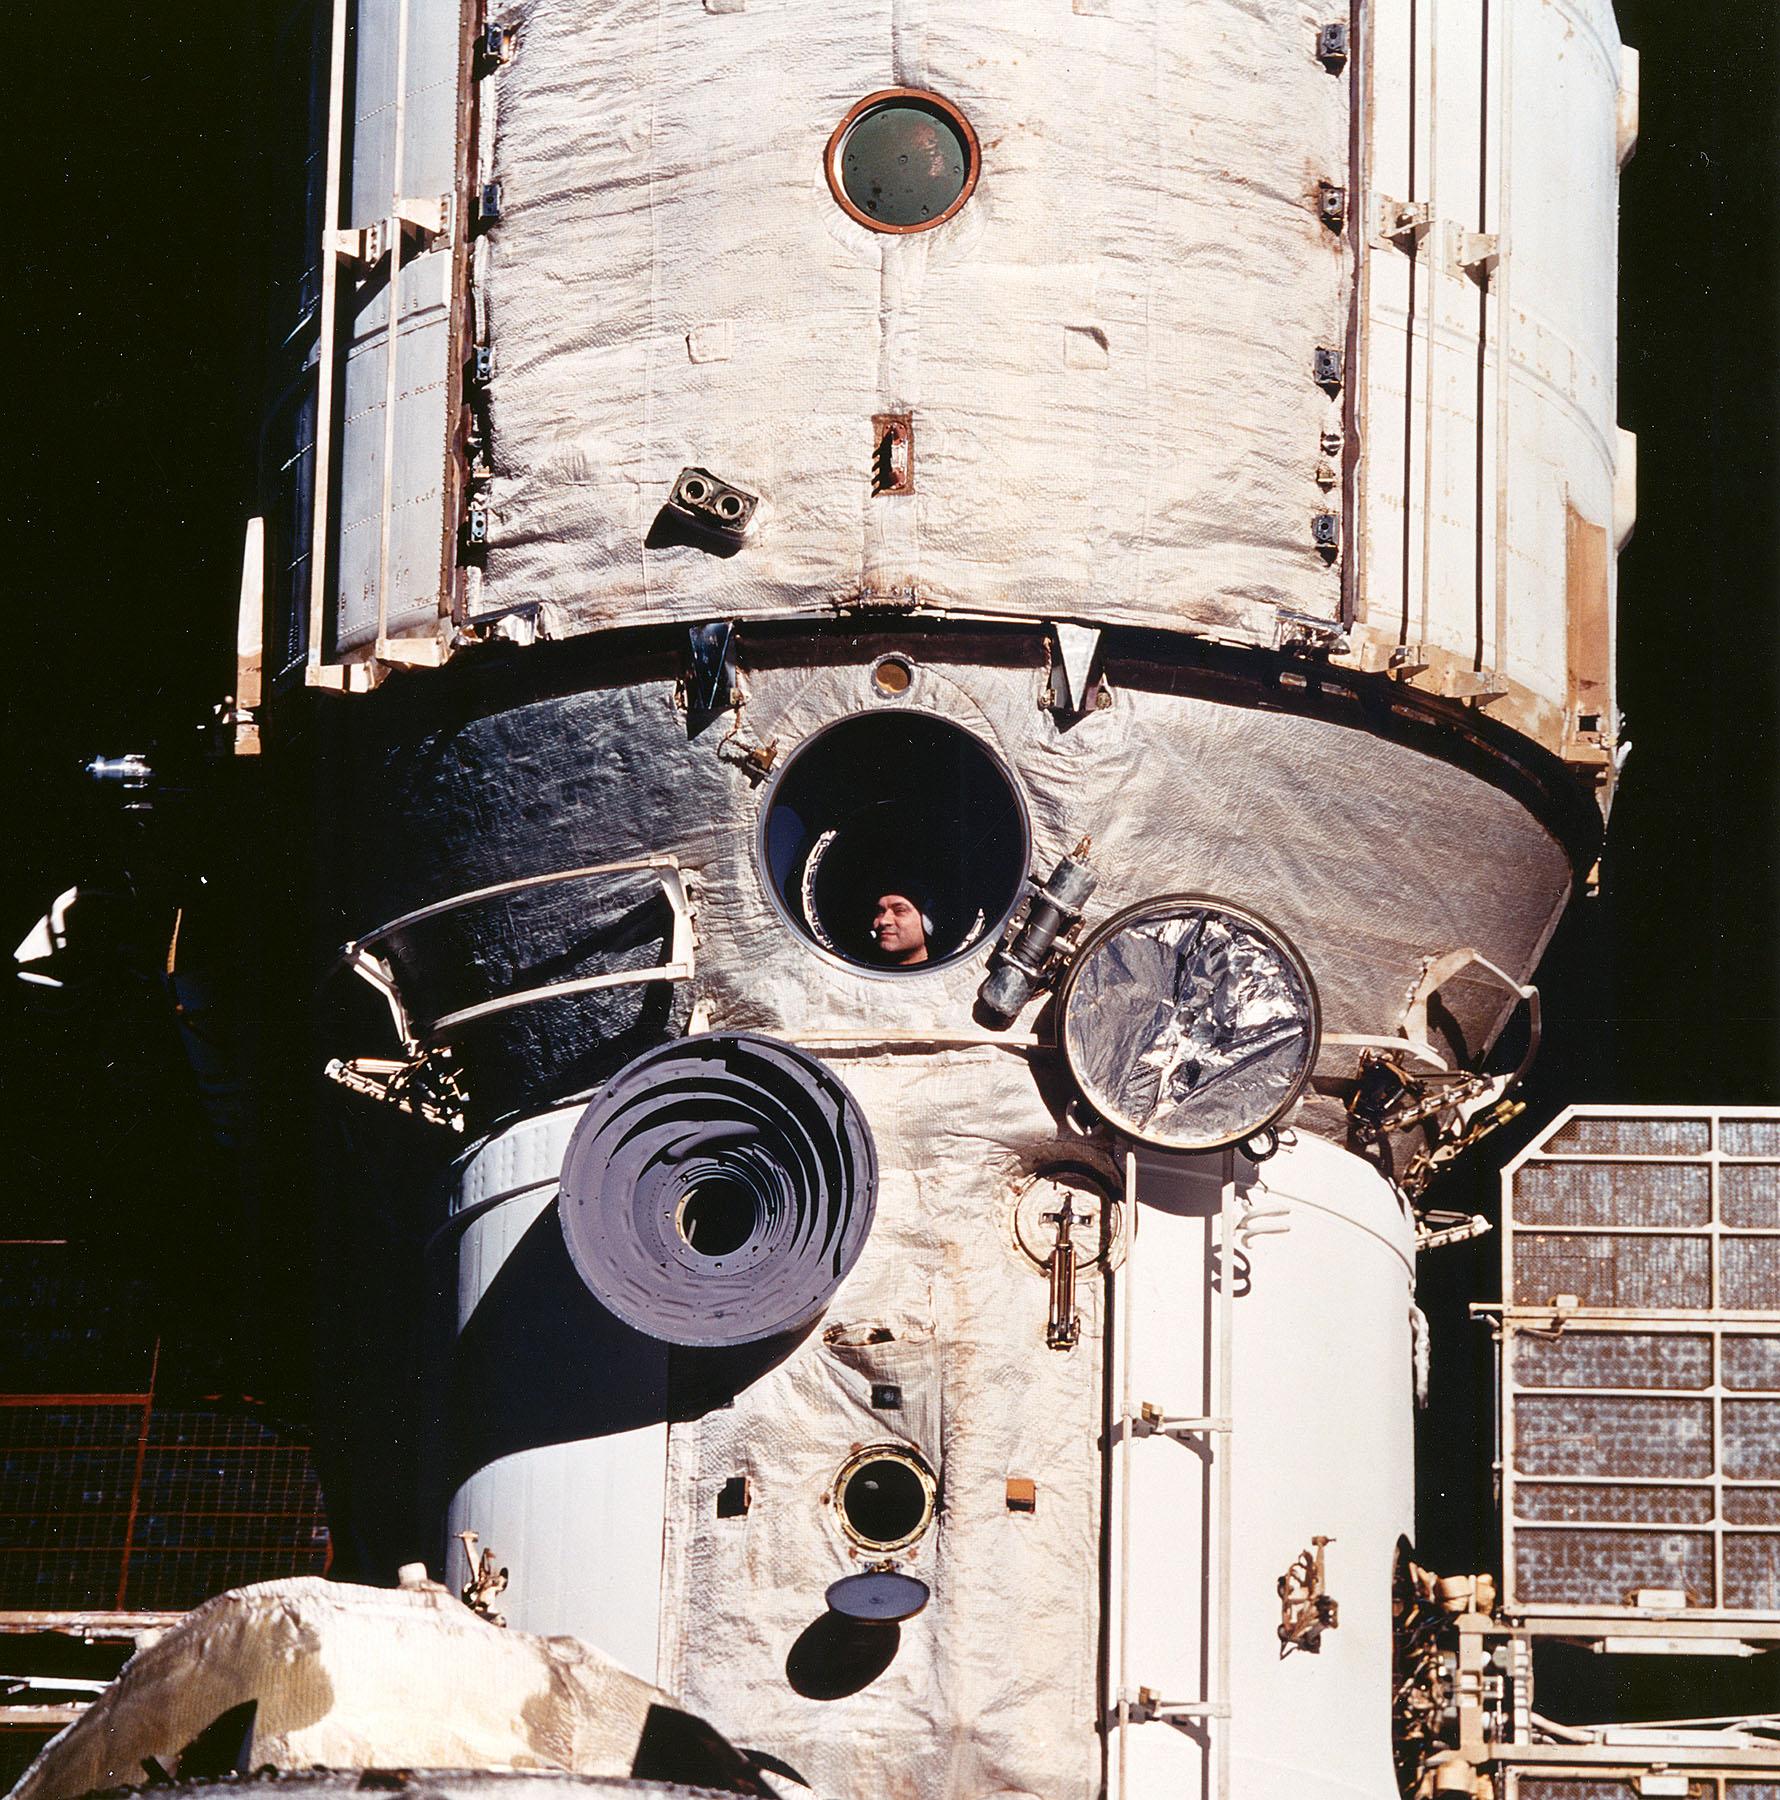 Cosmonaut Valeriy V. Ployakov